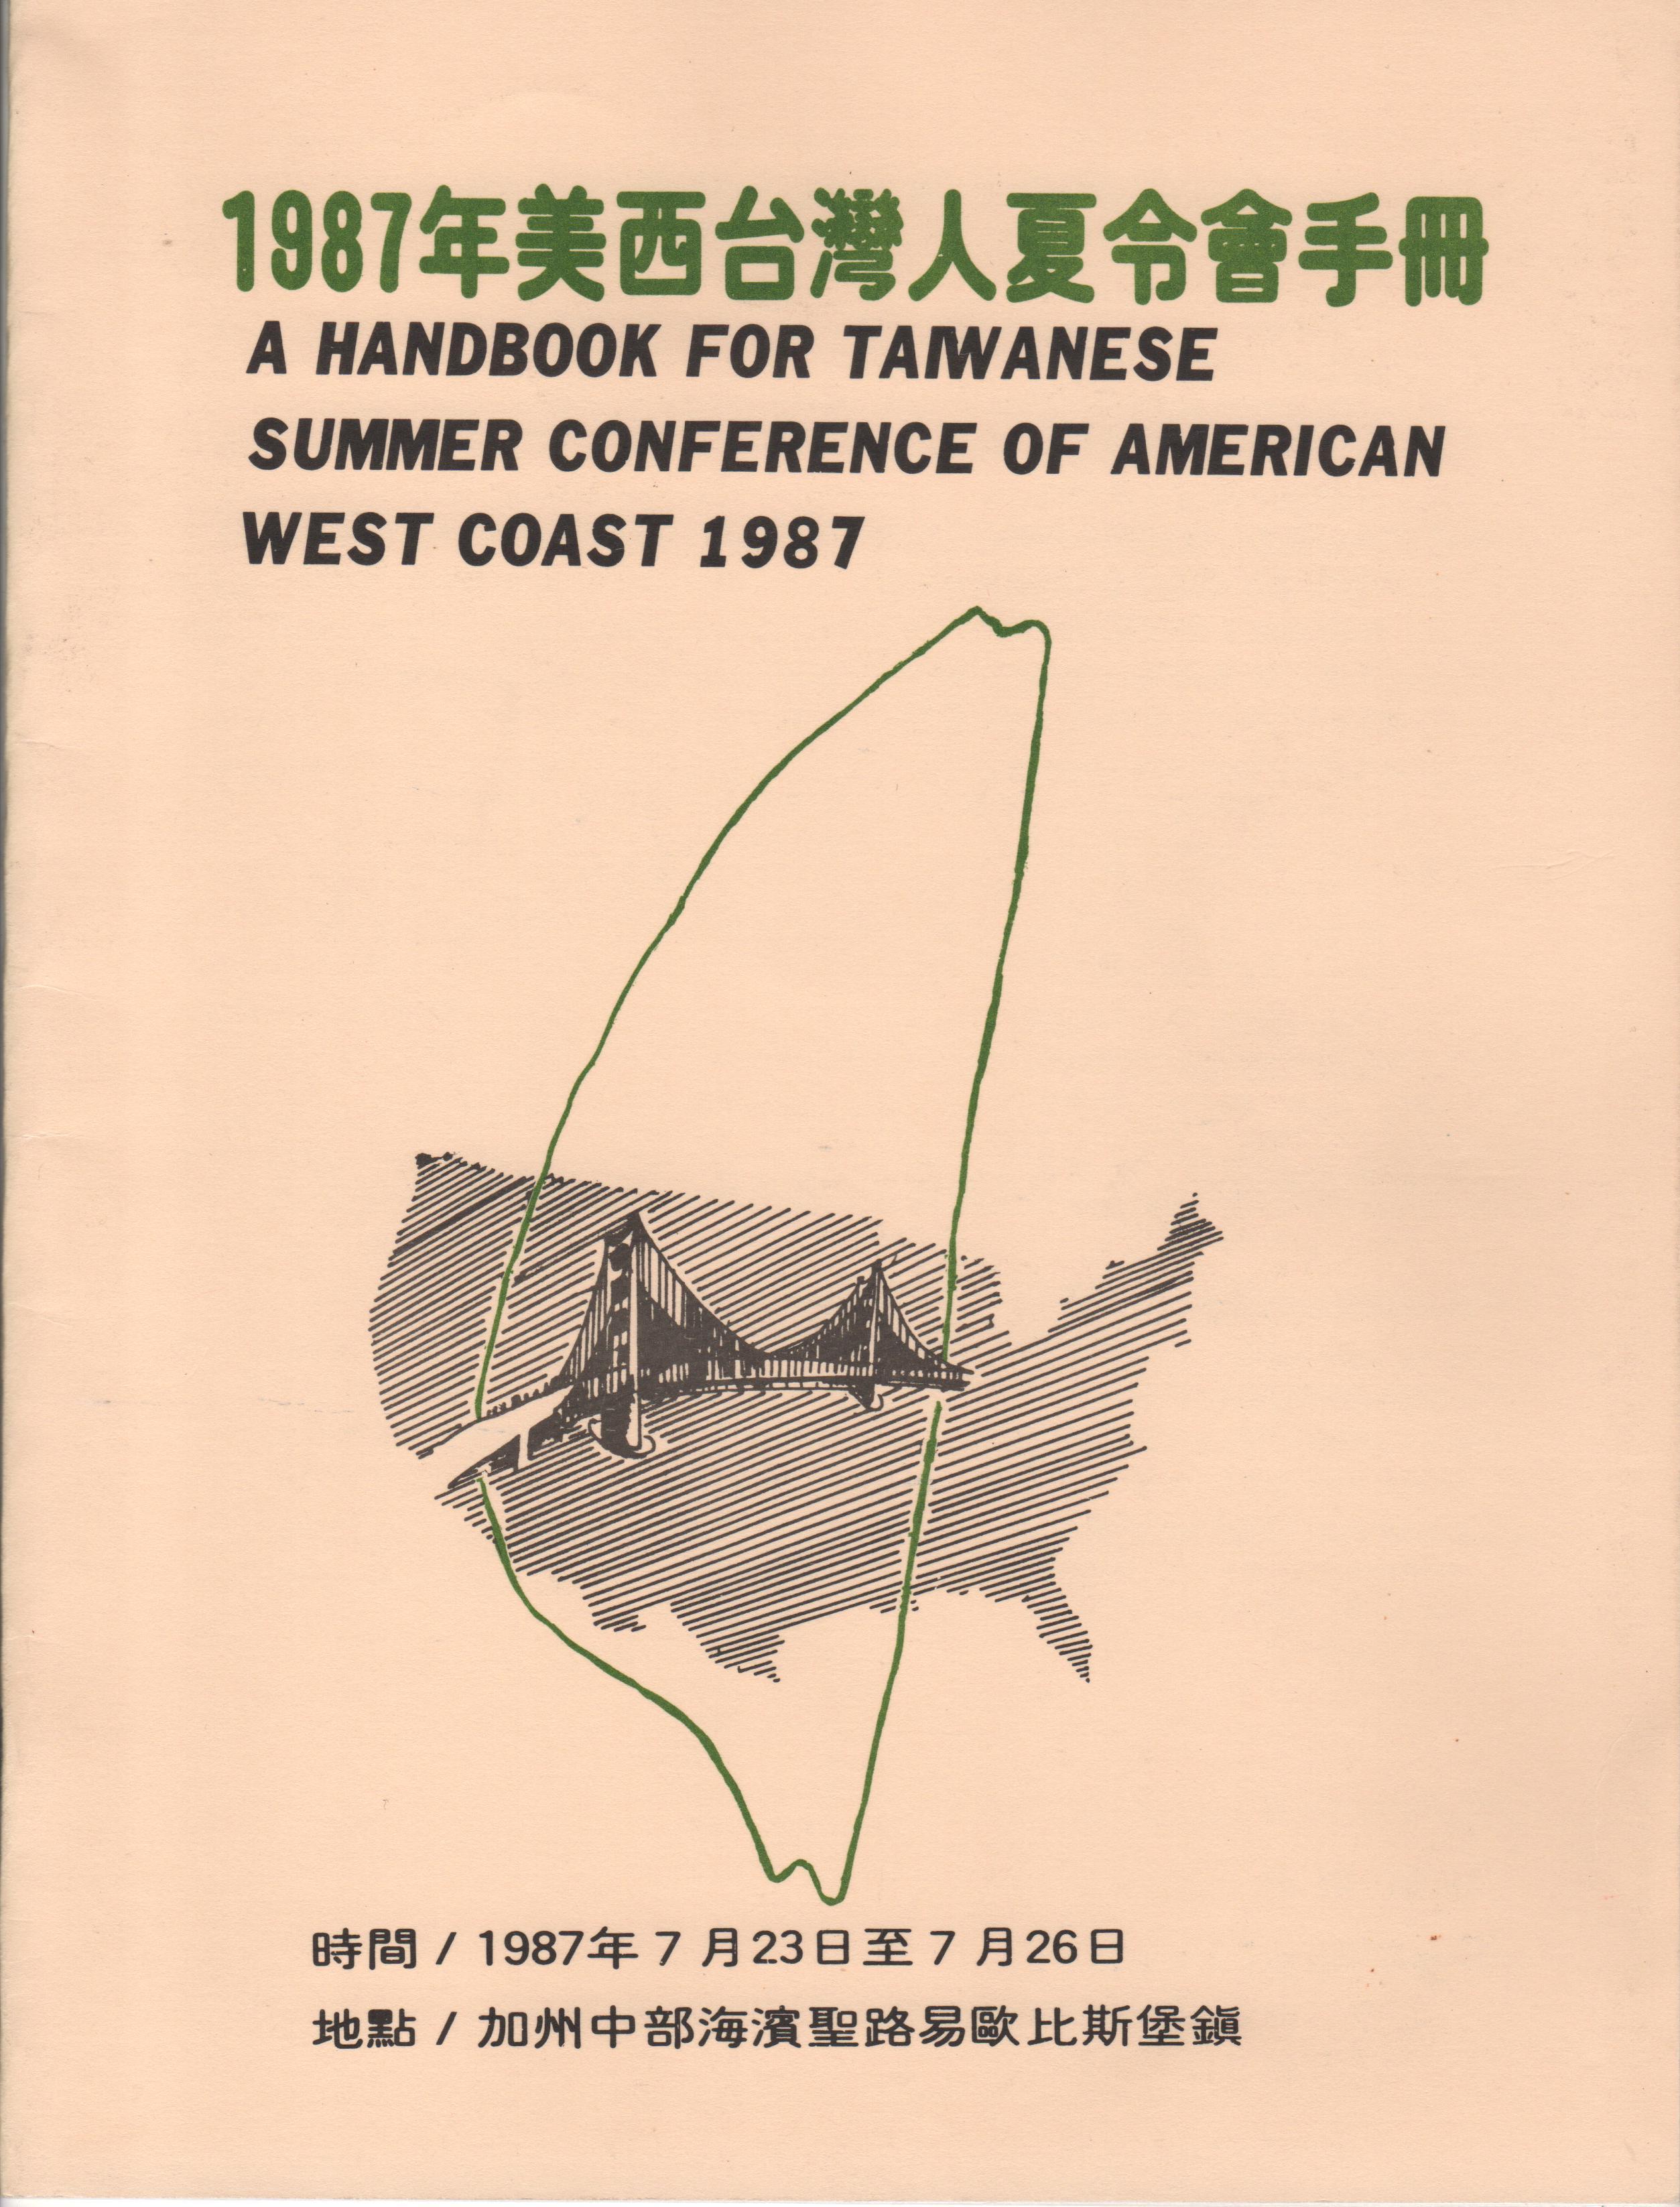 TACWC 1987